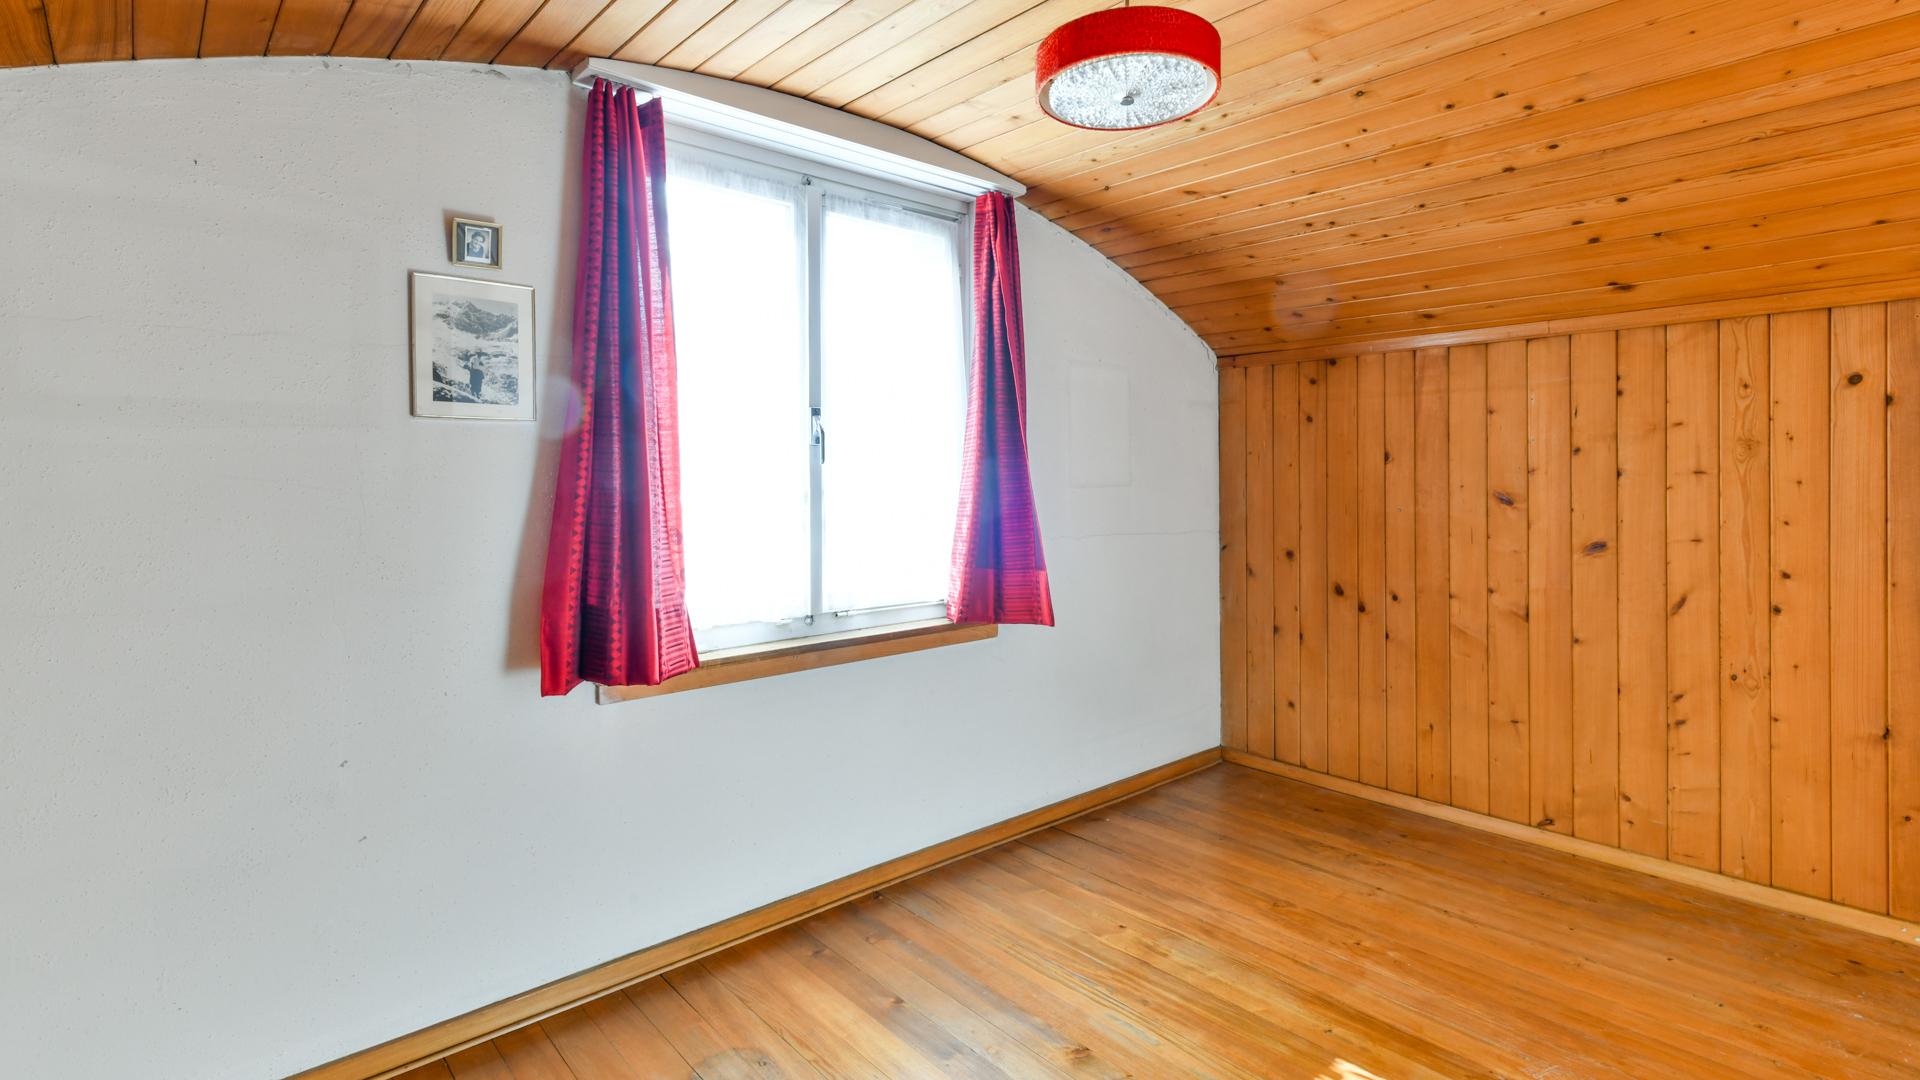 Nebst dem Estrich befindet sich im Dachgeschoss ein weiteres Schlafzimmer